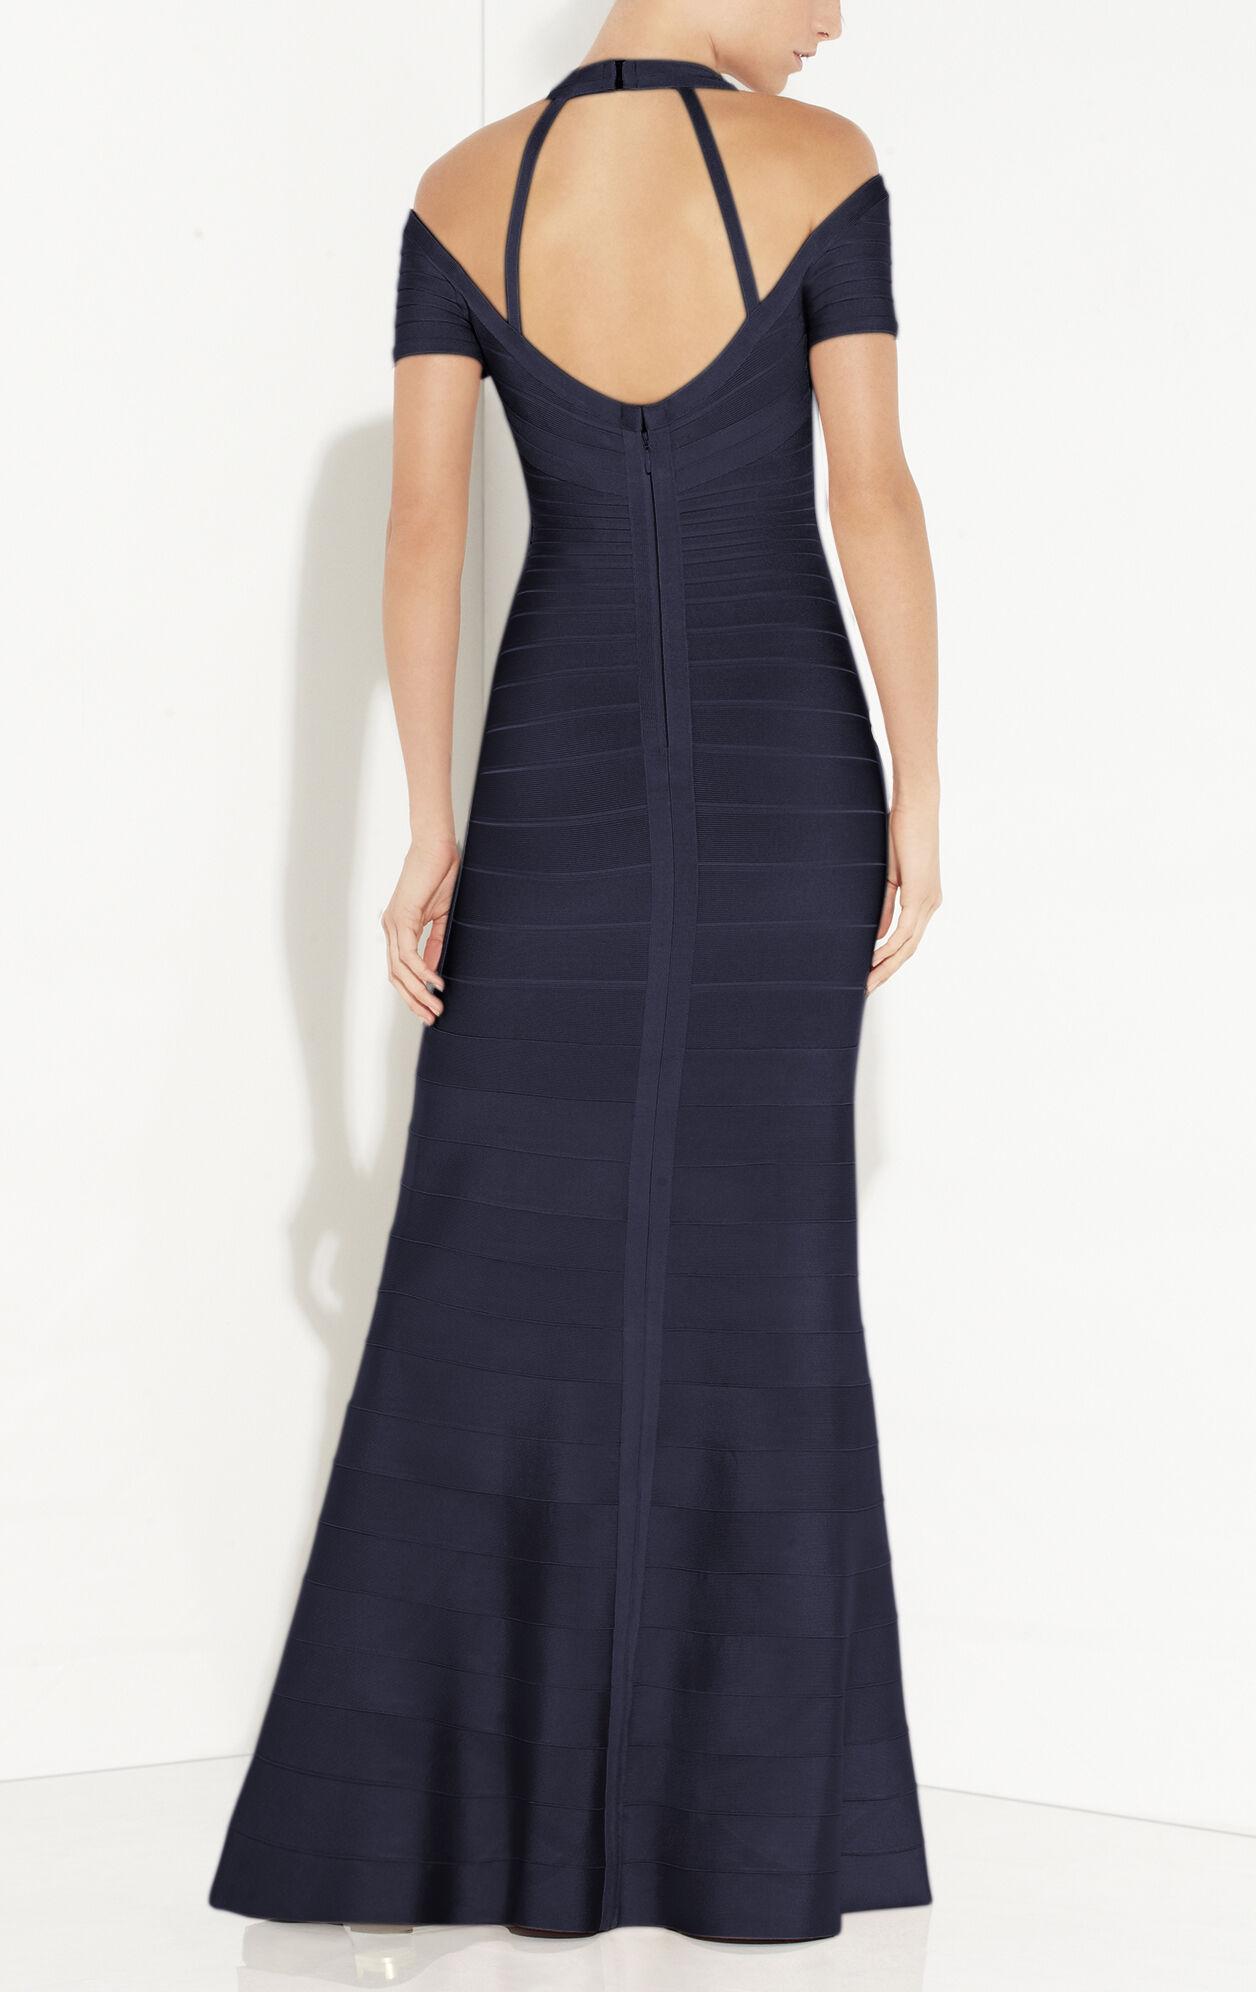 Colette Signature Essentials Gown